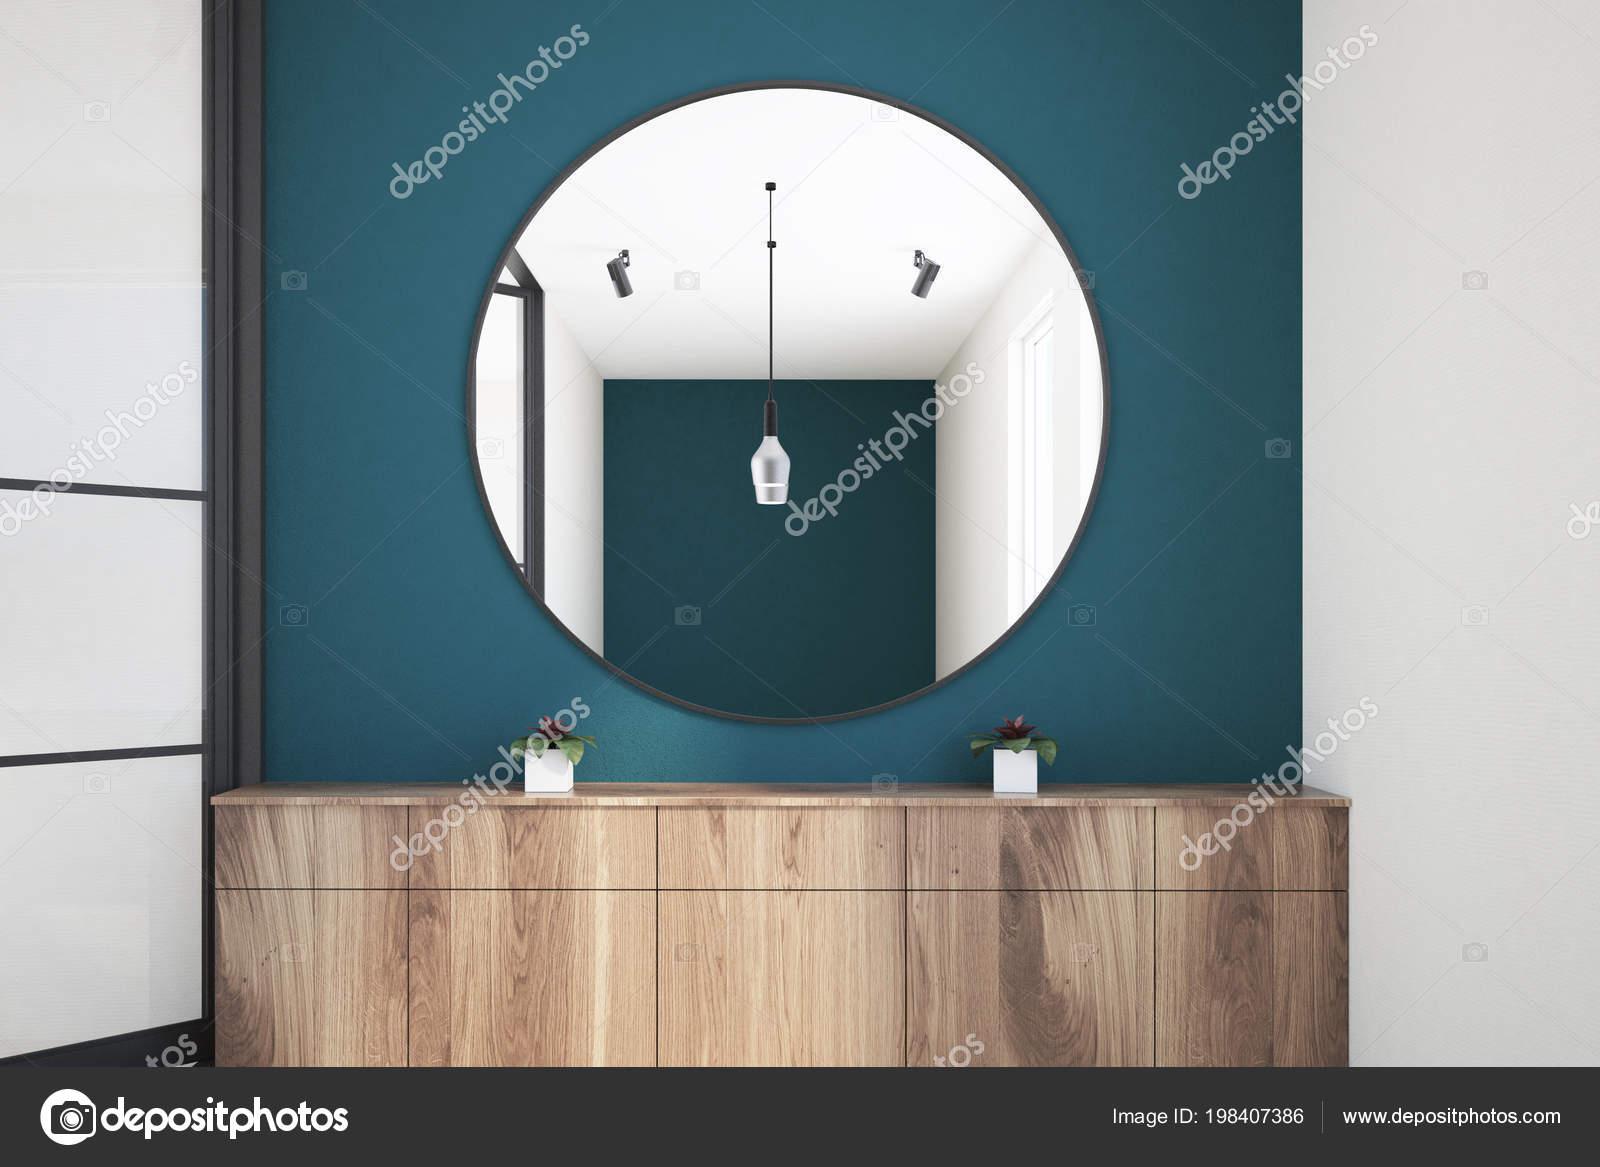 Runder Spiegel Uber Eine Holzerne Kommode Einem Blau Grune Wand